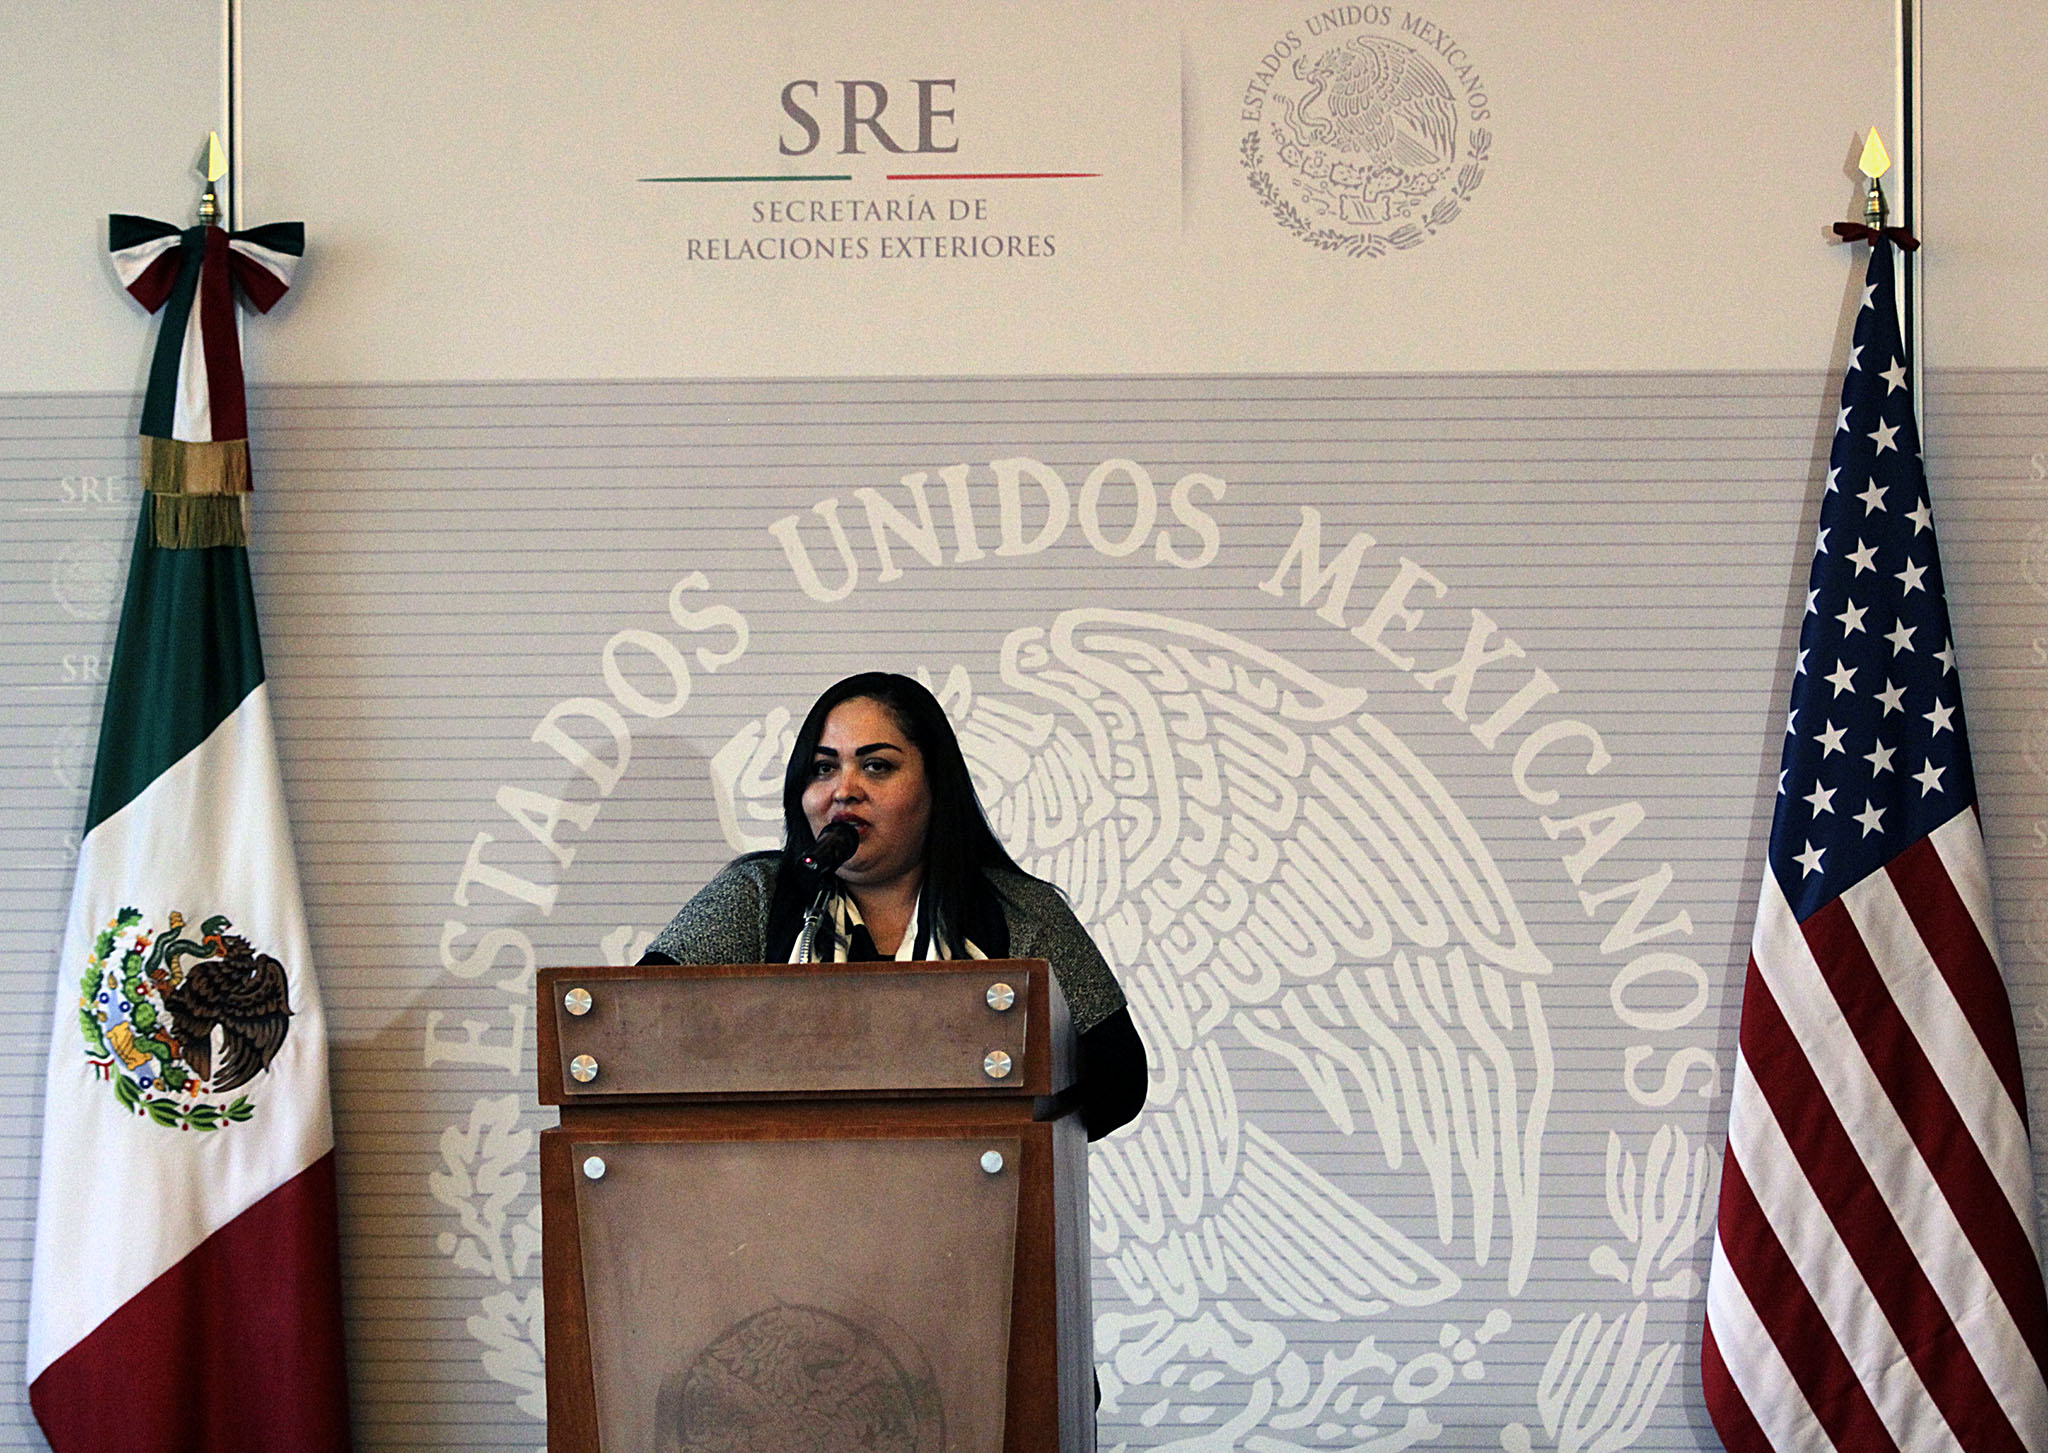 FOTO 1 Embajadora Reyna Torres Mendivil  directora general de Protecci n a Mexicanos en el Exterior.jpg